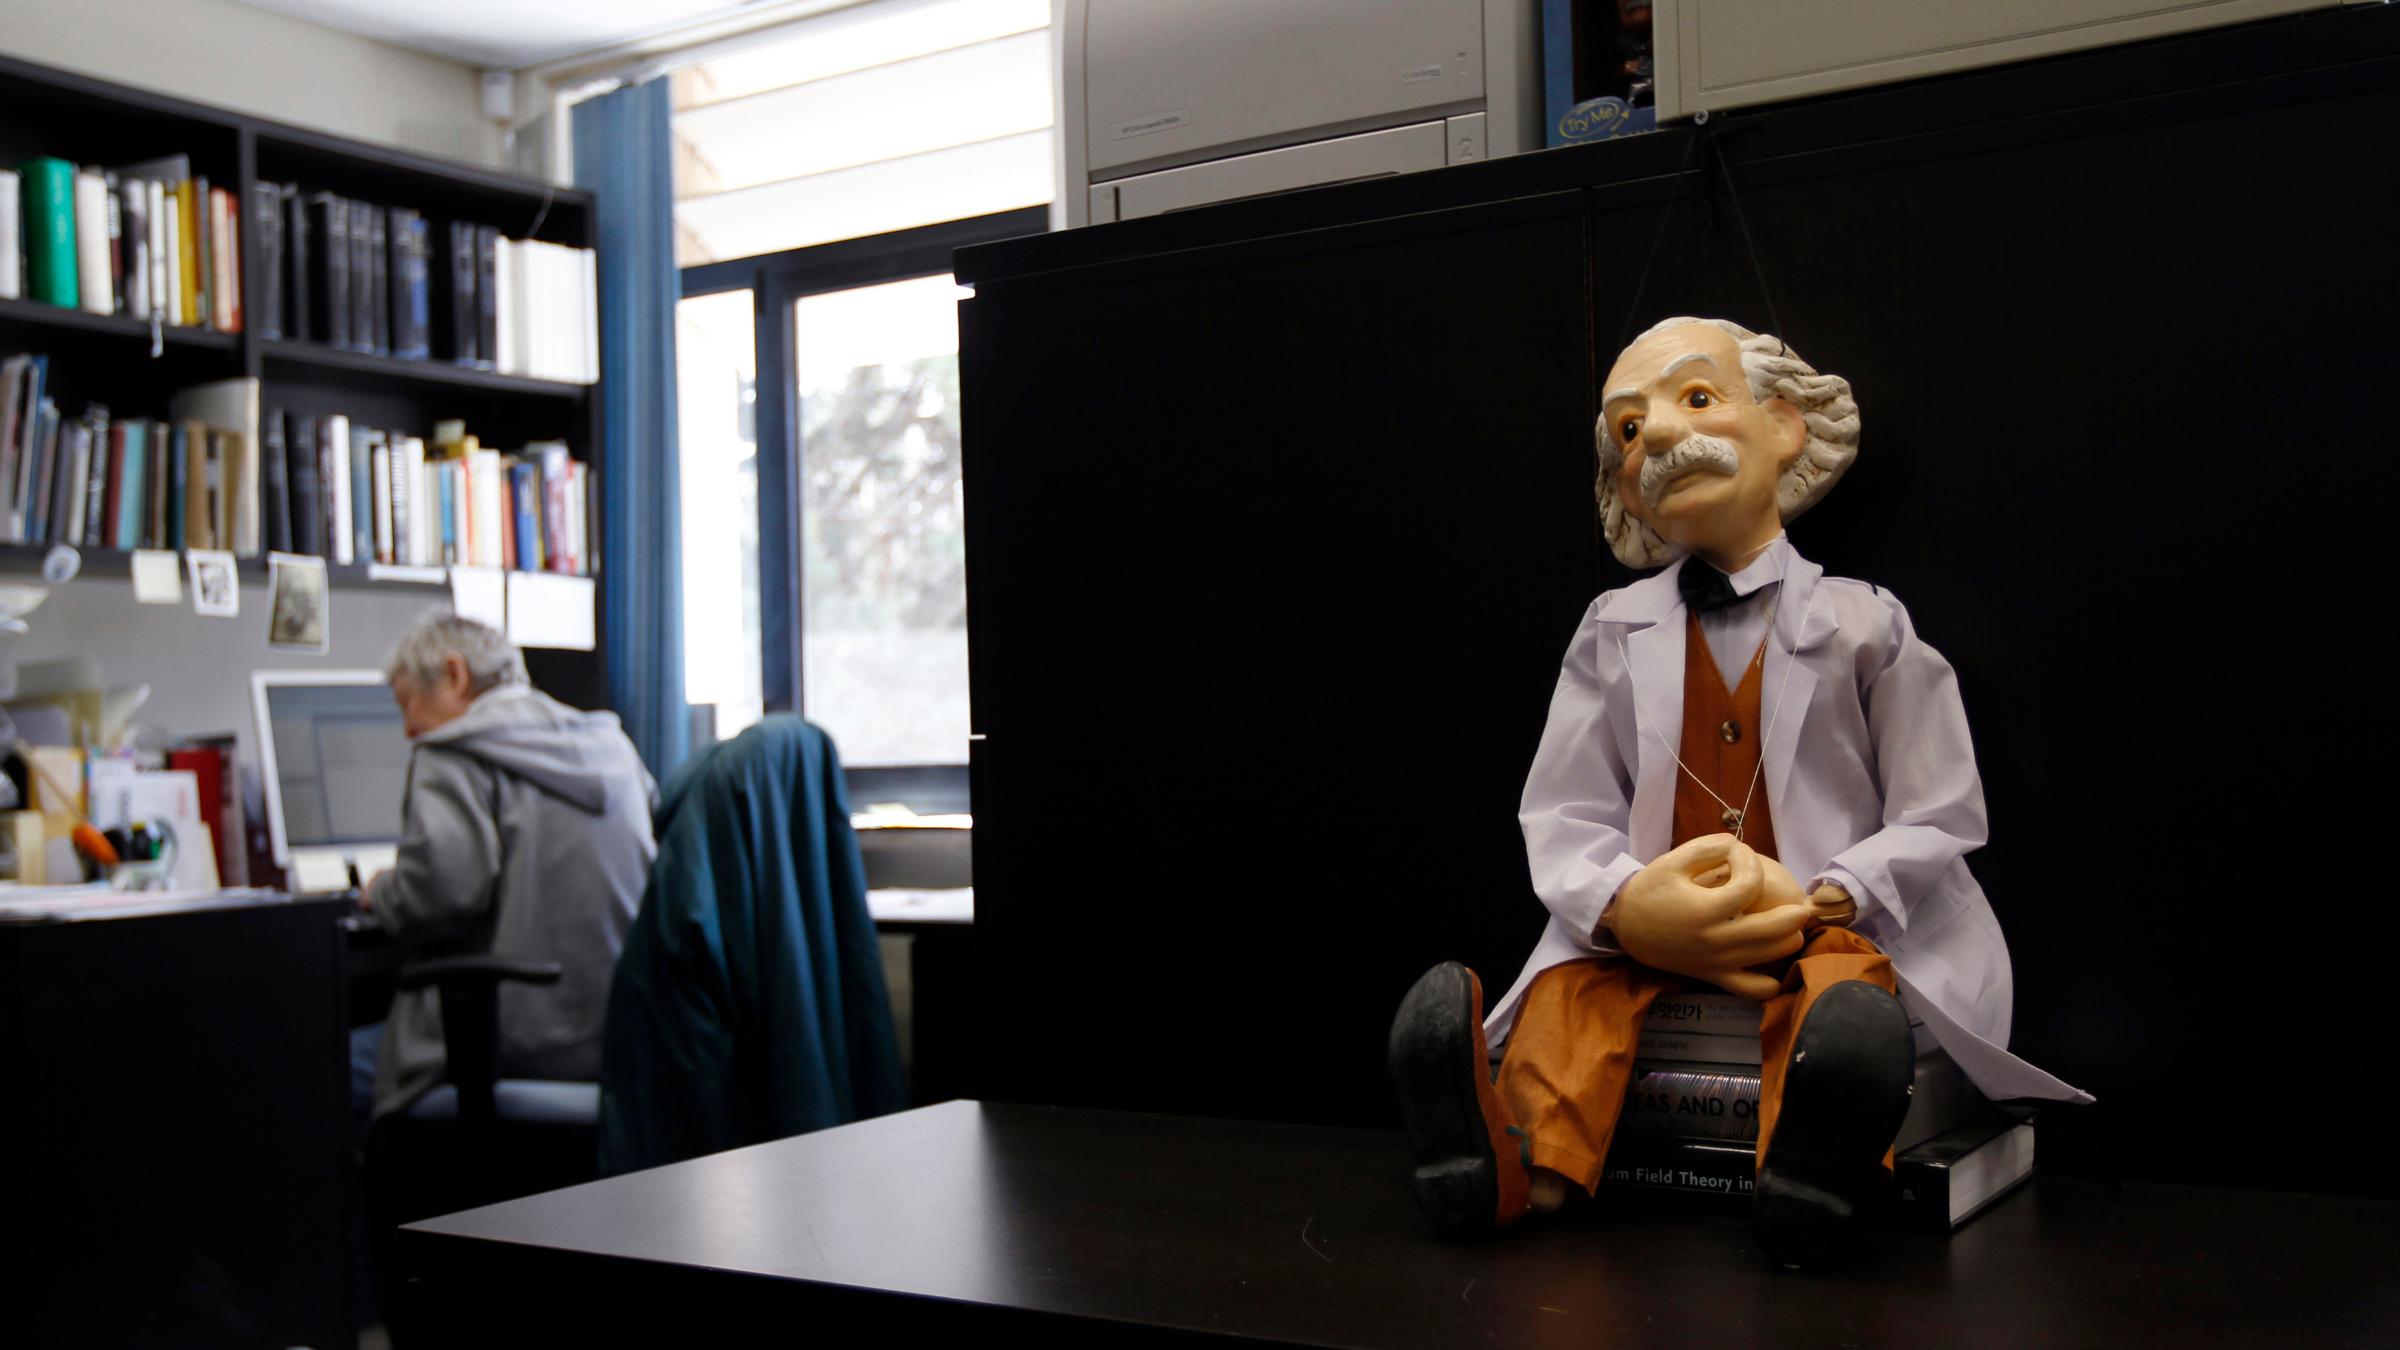 Albert Einstein figurine